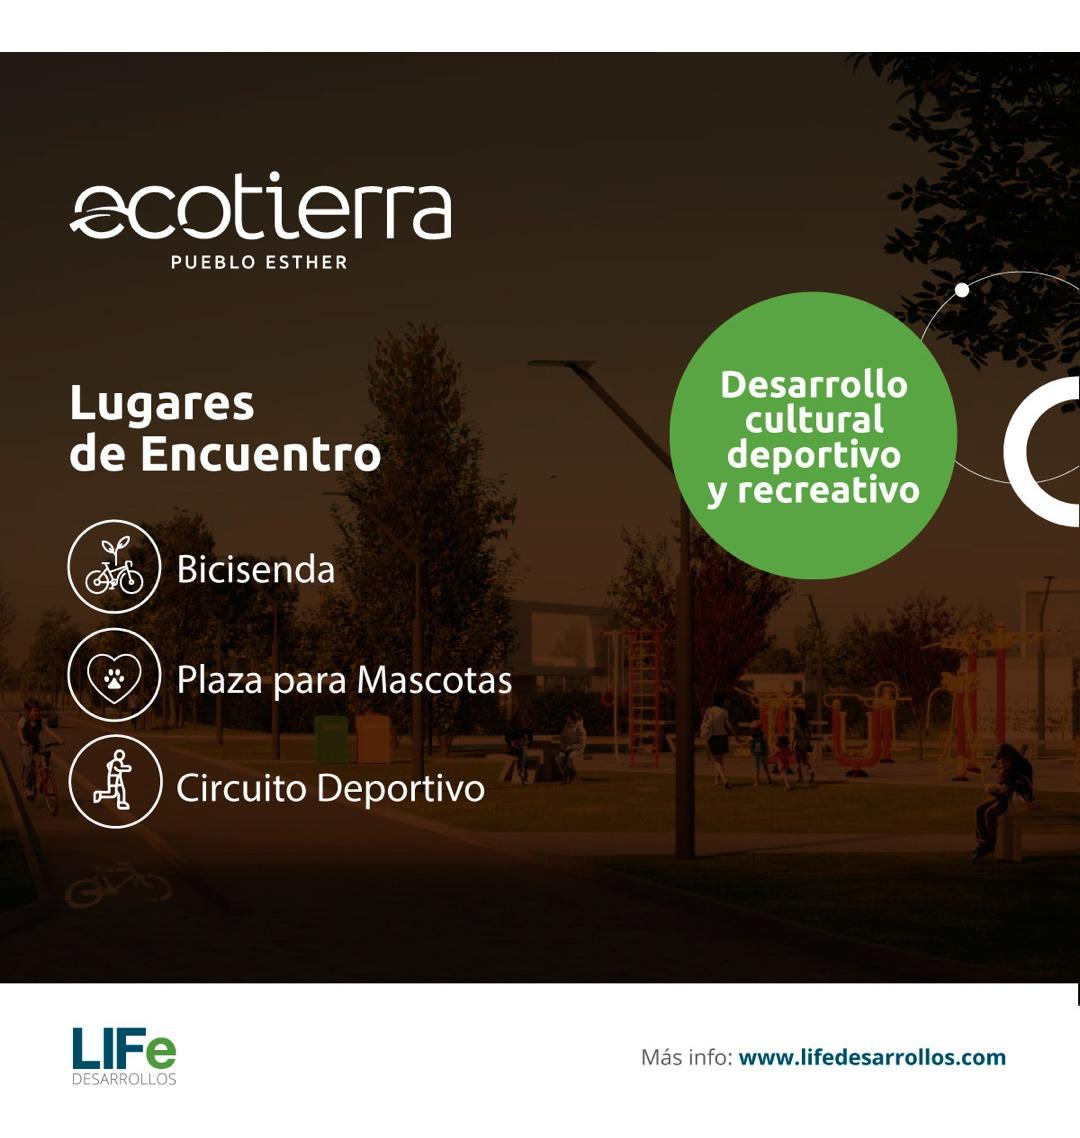 venta de lote en ecotierra pueblo esther - inversion con excelente rentabilidad mejorando el futuro de todos - financiacion